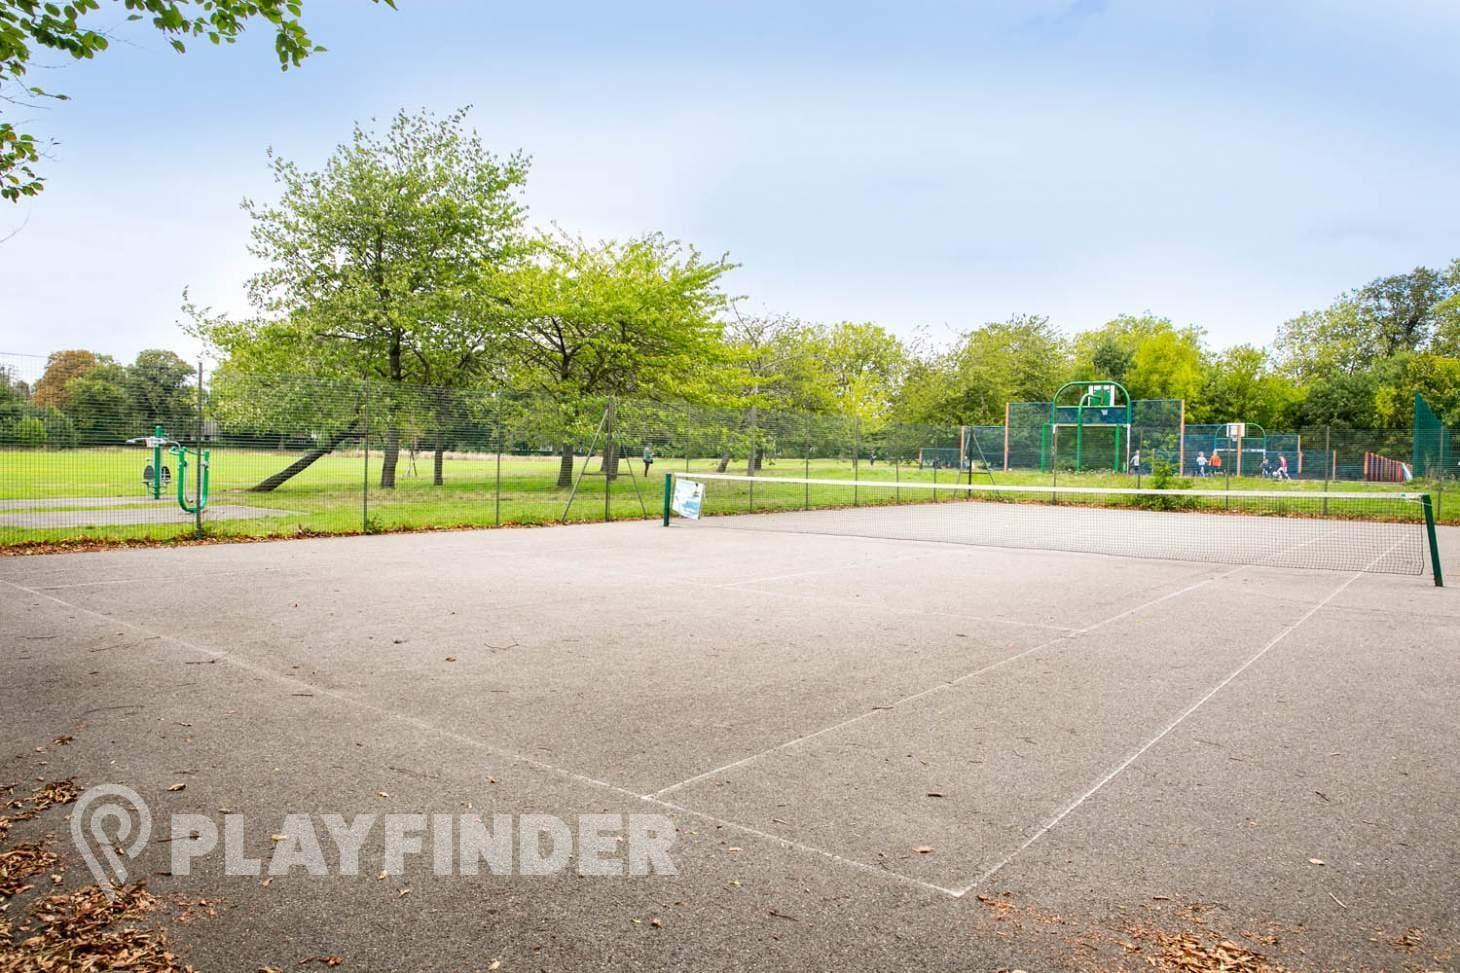 Churchfield Recreation Ground Outdoor | Hard (macadam) tennis court